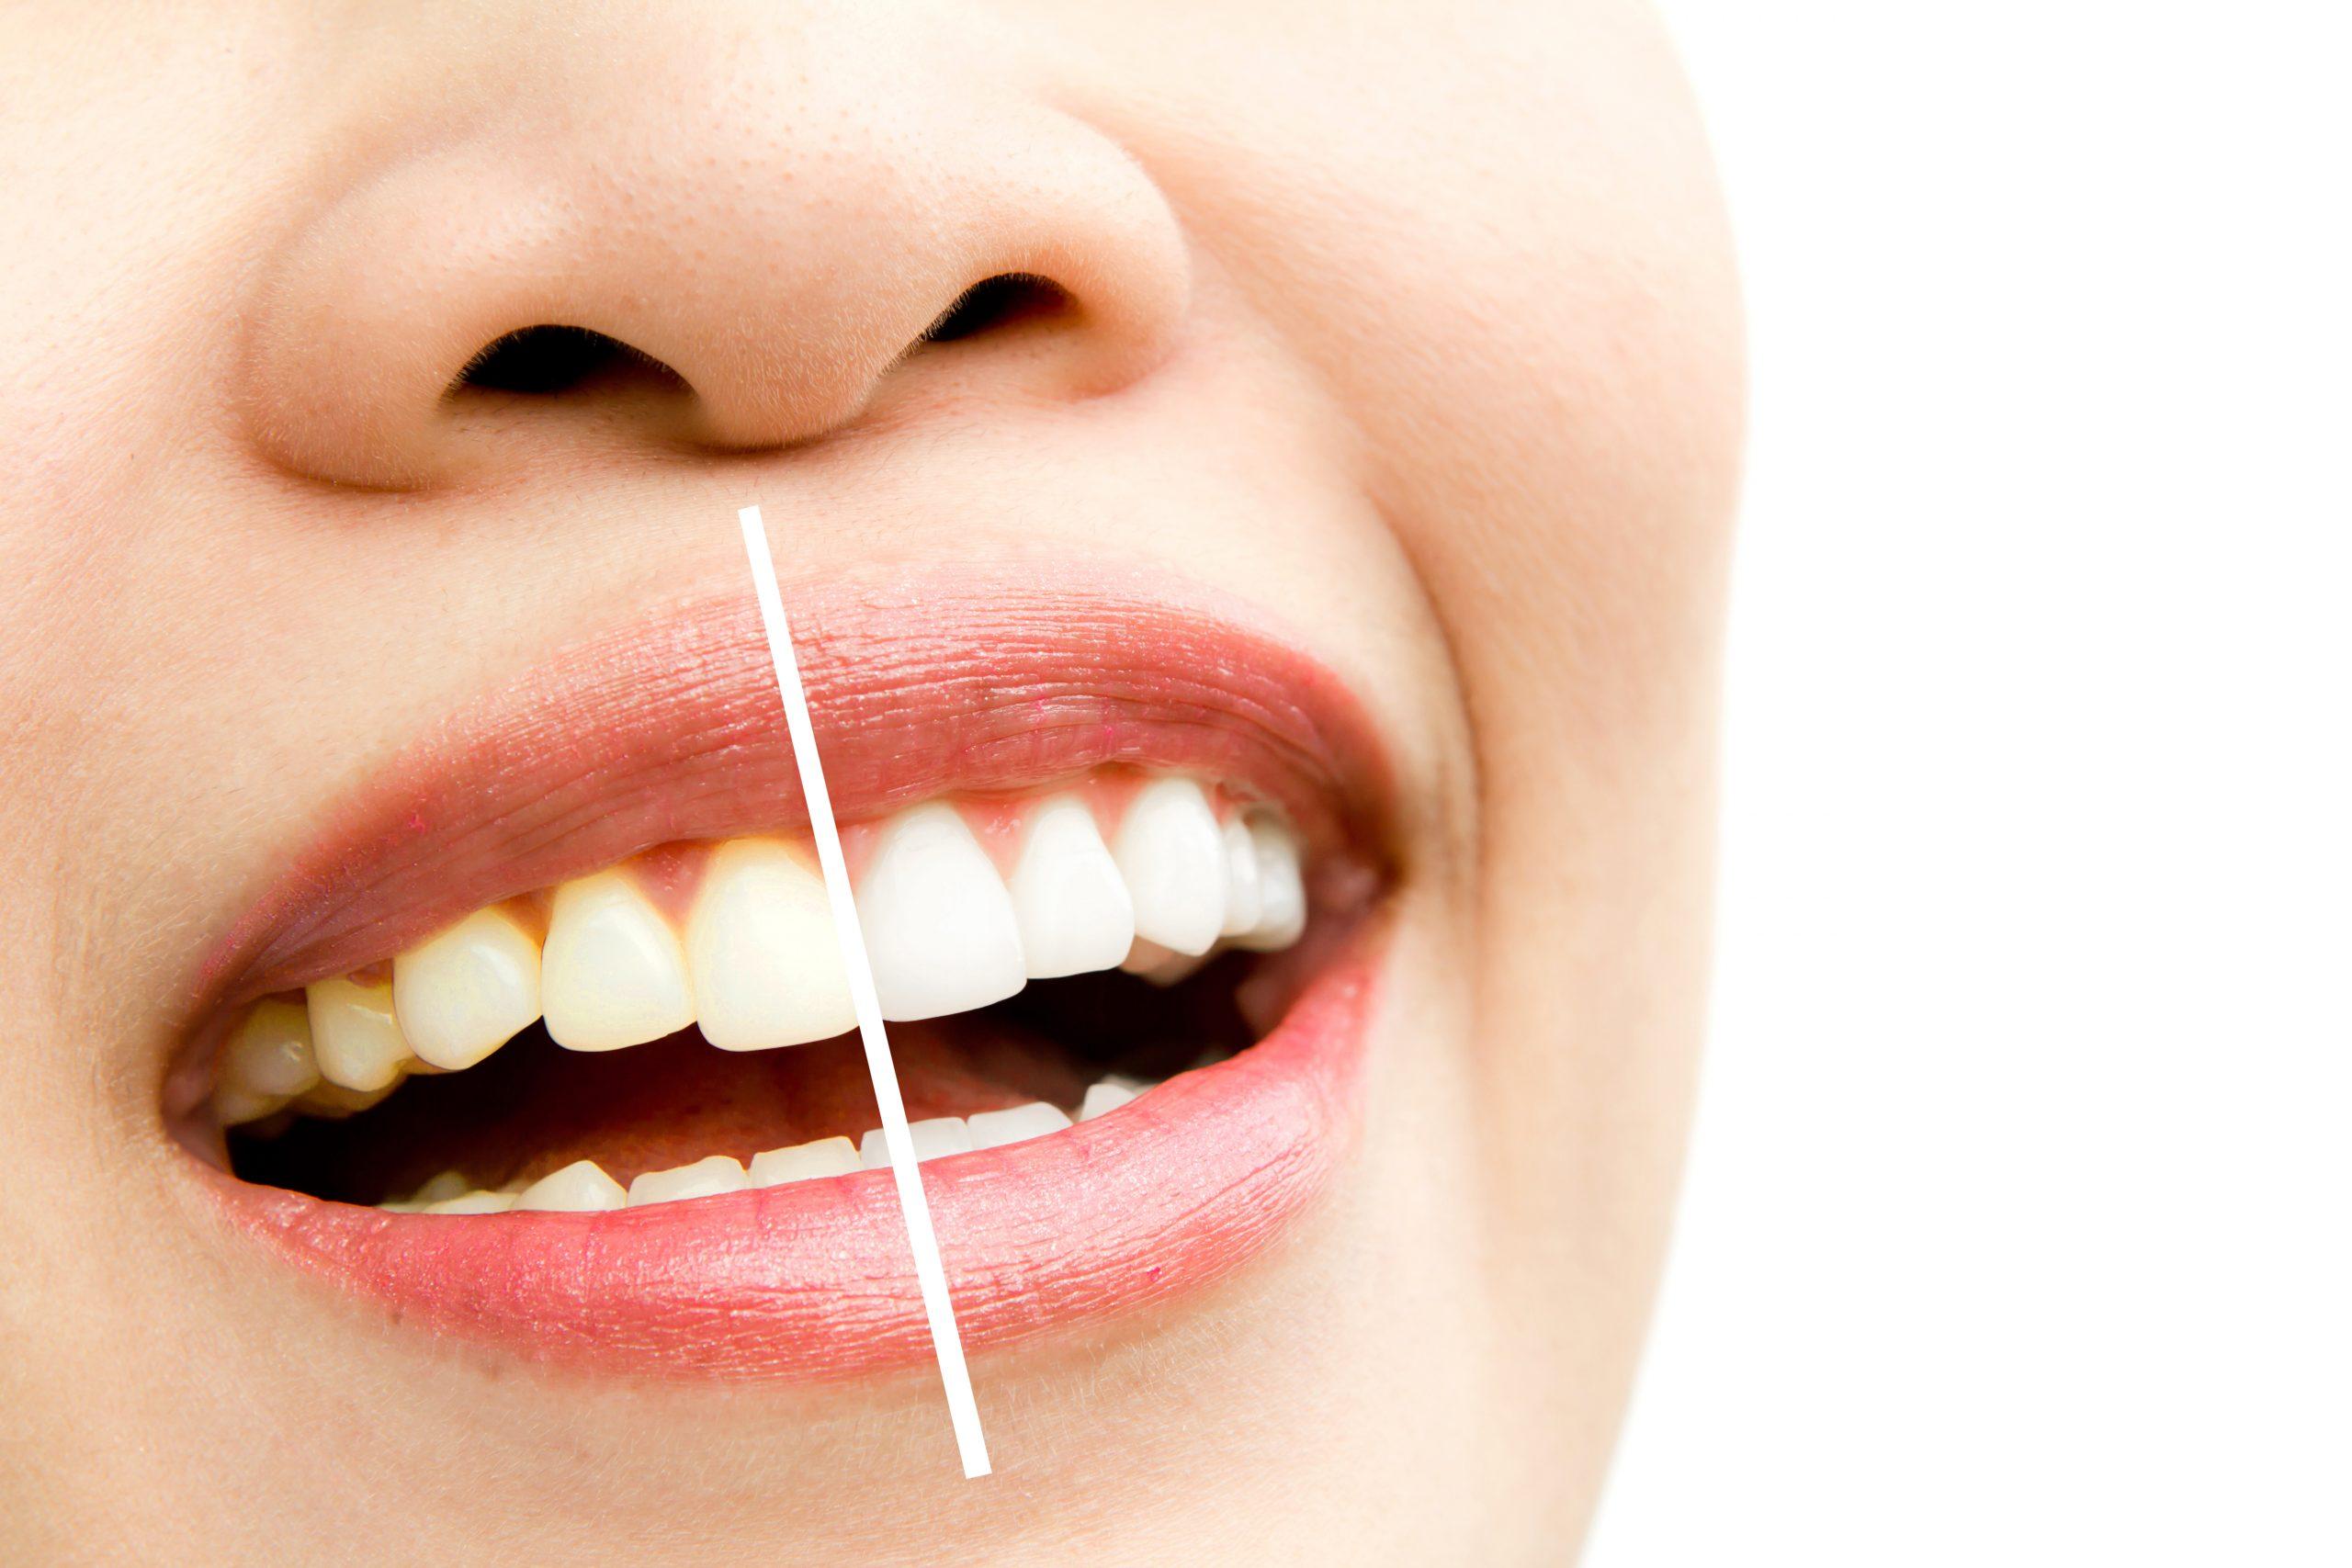 Diş Taşı Temizletmek Zararlı Mıdır?